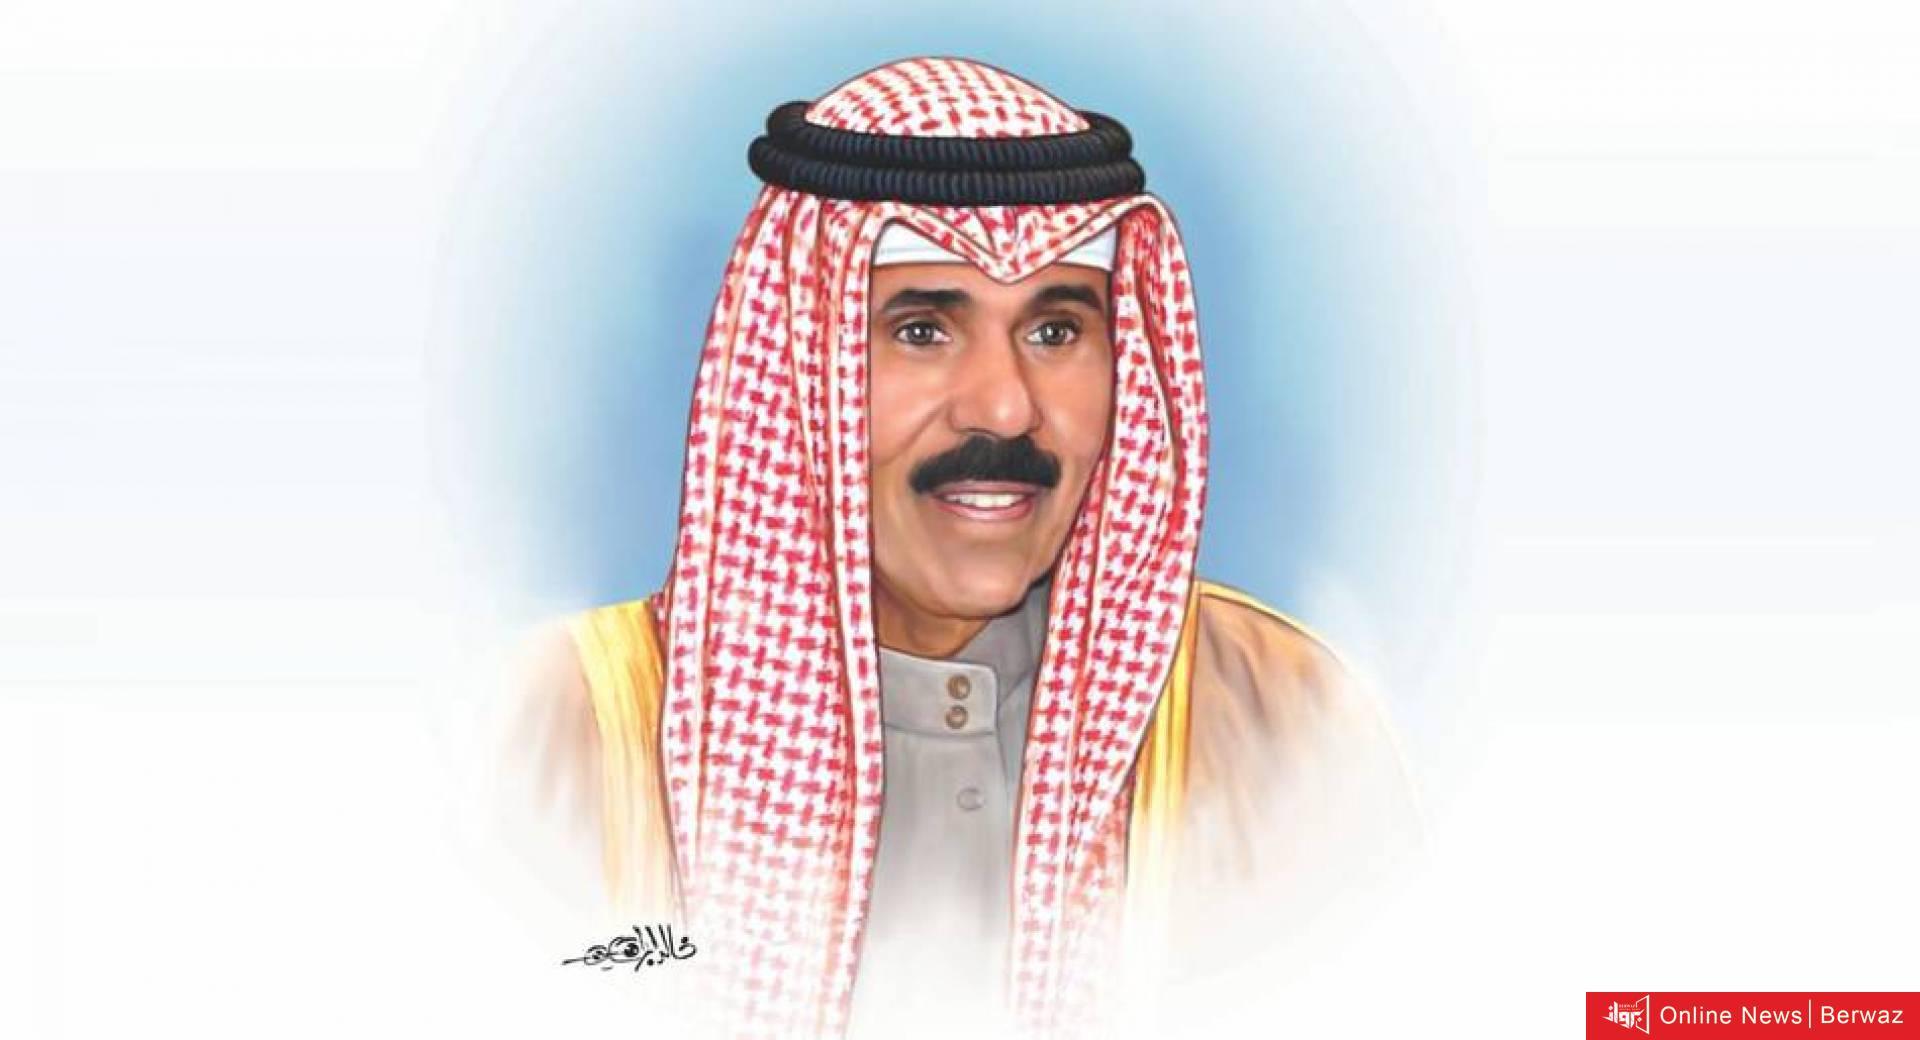 39491938 184405 highres - سمو نائب الأمير للنائب العام: استمرار الدعم لتعزيز دور النيابة العامة في تطبيق القانون على الجميع